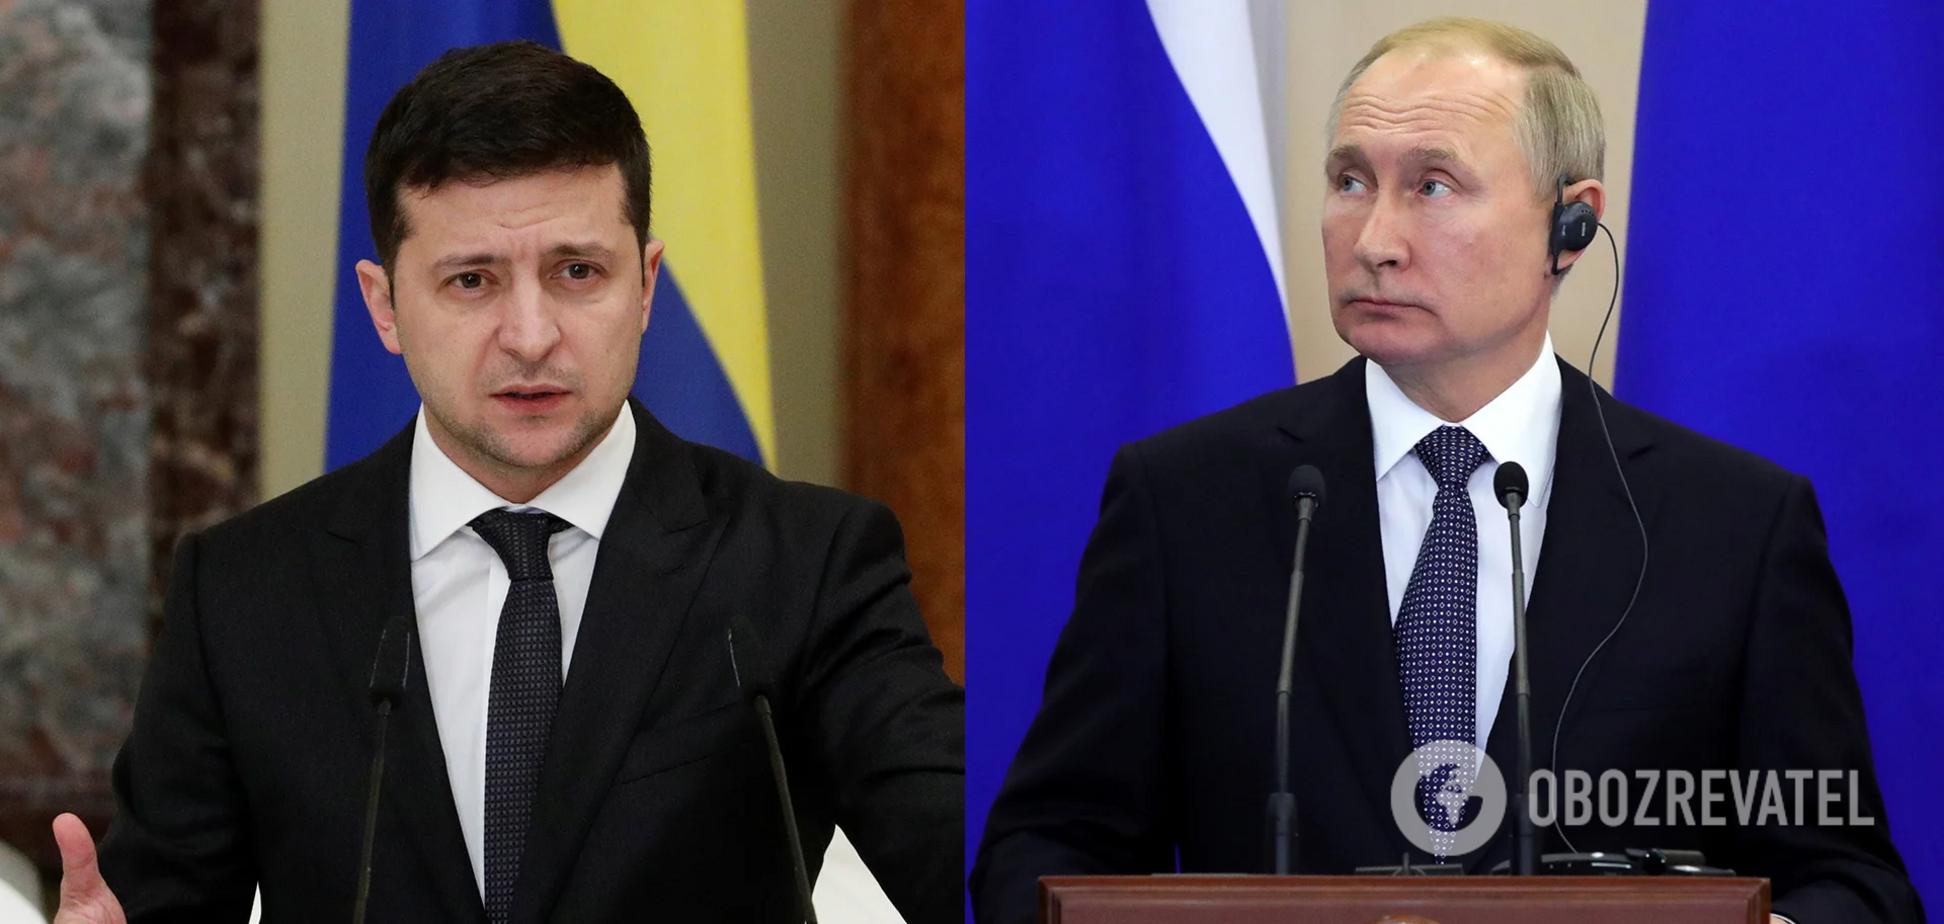 Зеленский считает риторику Путина опасной